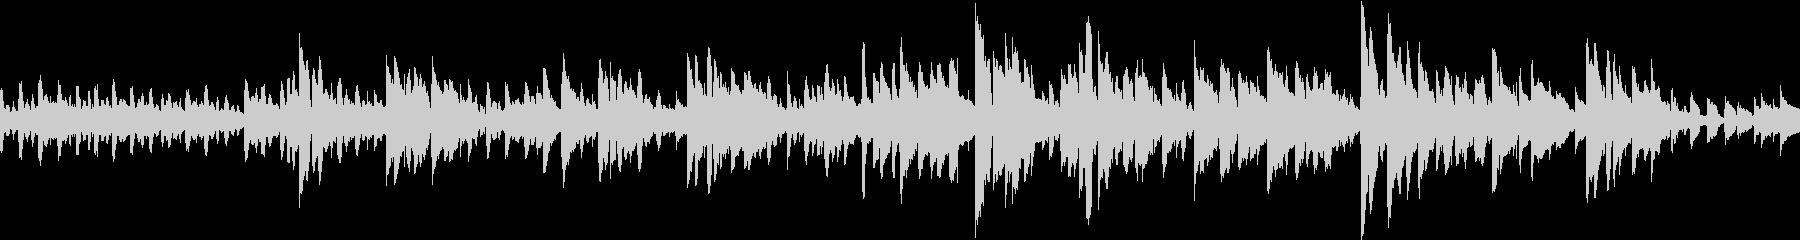 生音アコースティックブルースアンサンブルの未再生の波形